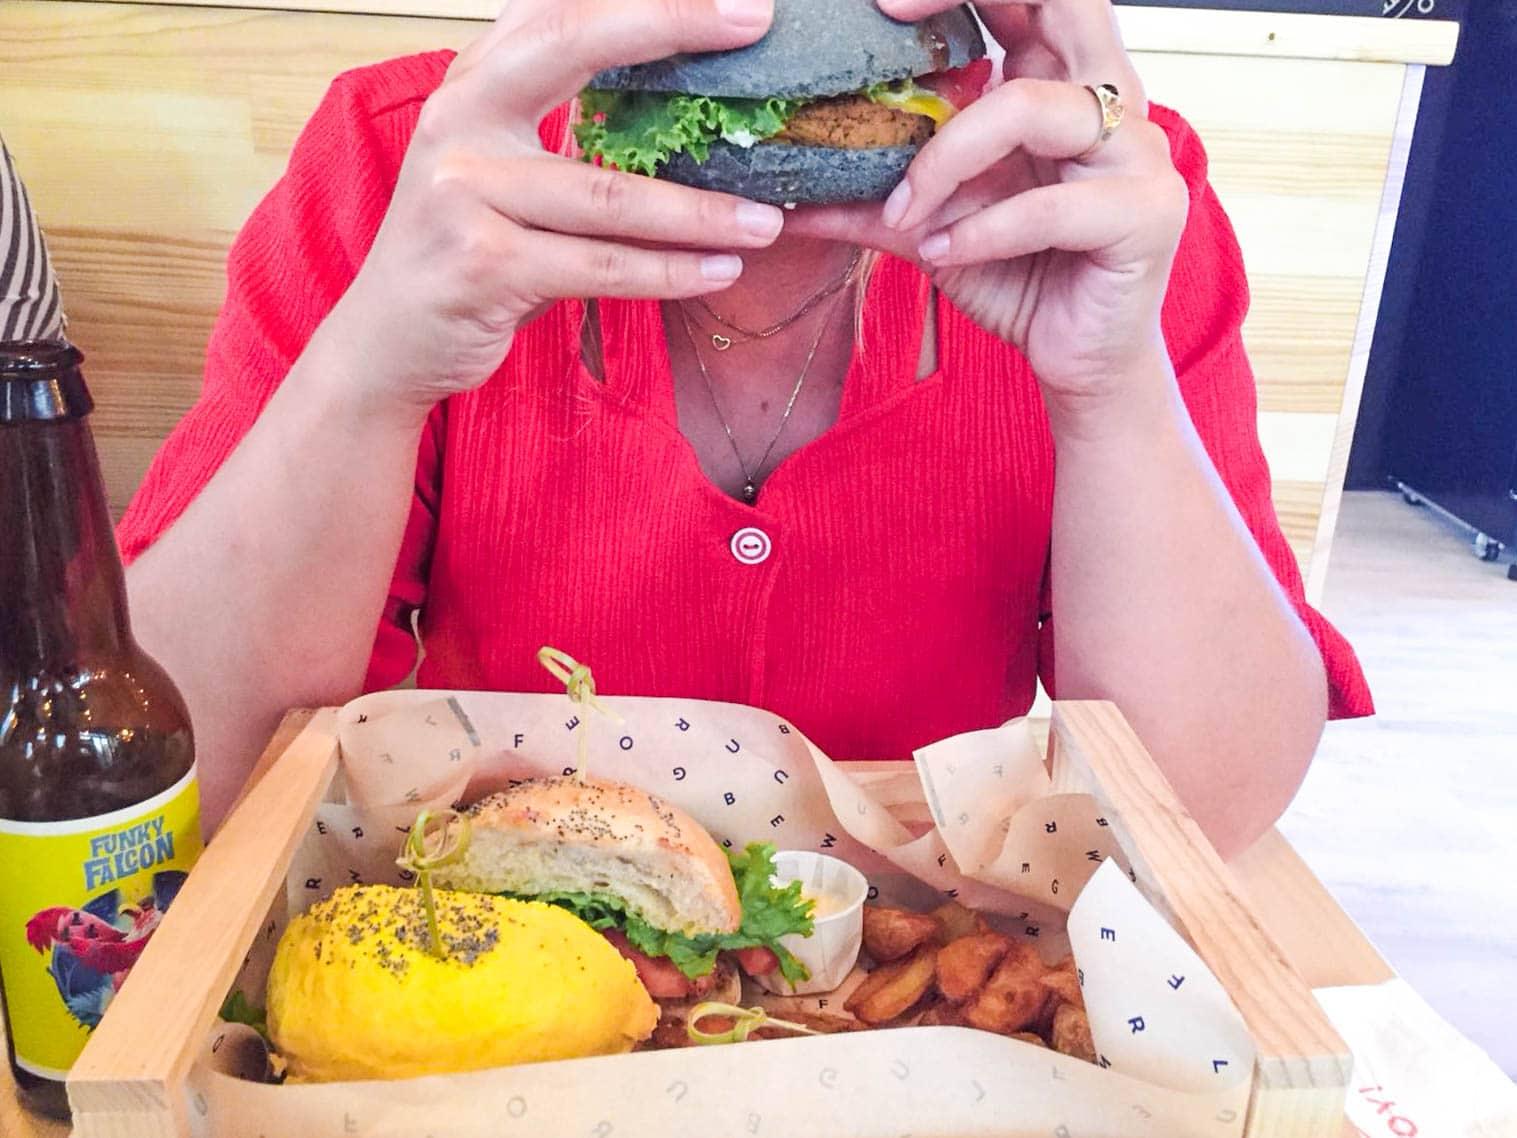 Bij Flower Burger in Rotterdam kun je kleurrijke vegan burgers bestellen. Alle burgers hebben een andere basis, zoals kikkererwten of bonen in combinatie met een huisgemaakt sausje op een vrolijk, kleurrijk broodje. Zelfs de mayonaise is hier 100% veganistisch!